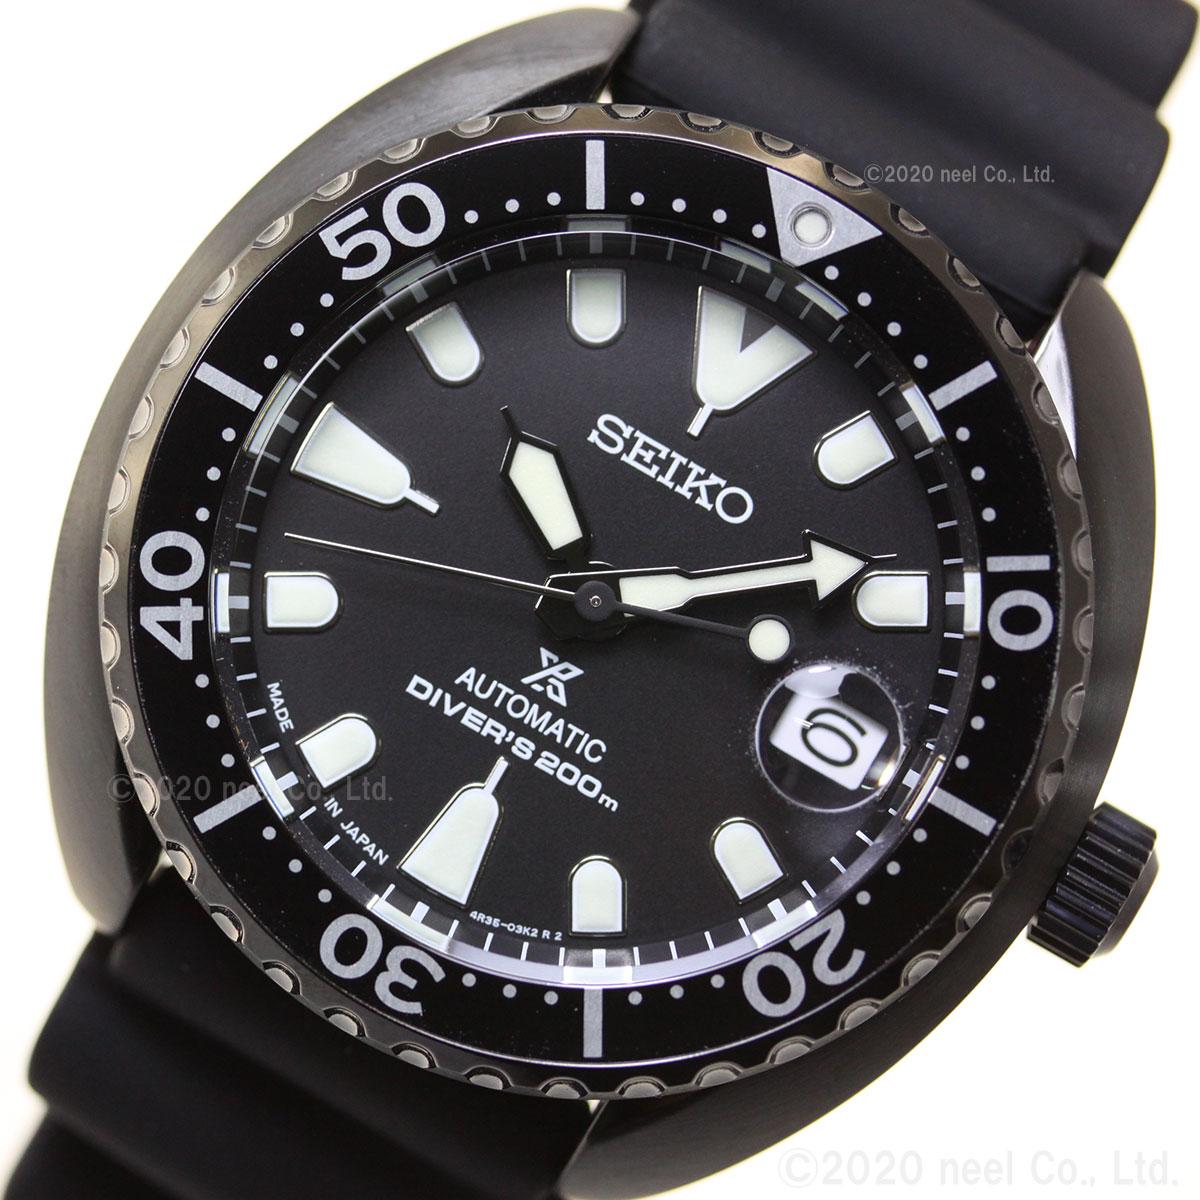 セイコー プロスペックス ミニタートル ダイバースキューバ SEIKO PROSPEX メカニカル 自動巻き ネット流通限定モデル 腕時計 メンズ SBDY087